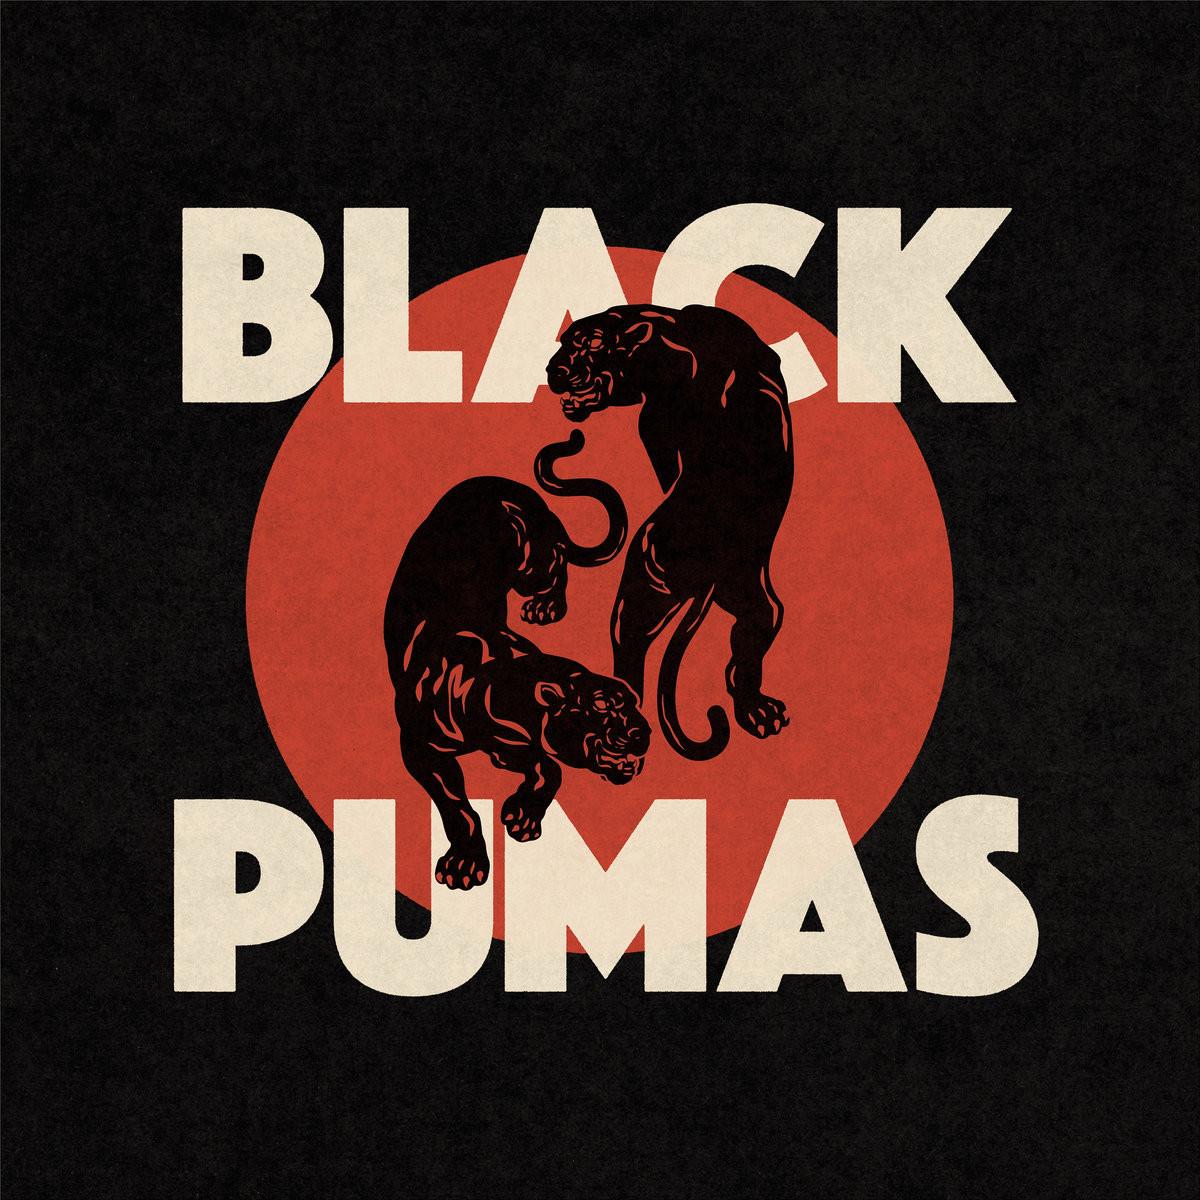 Black Pumas1_10.jpg